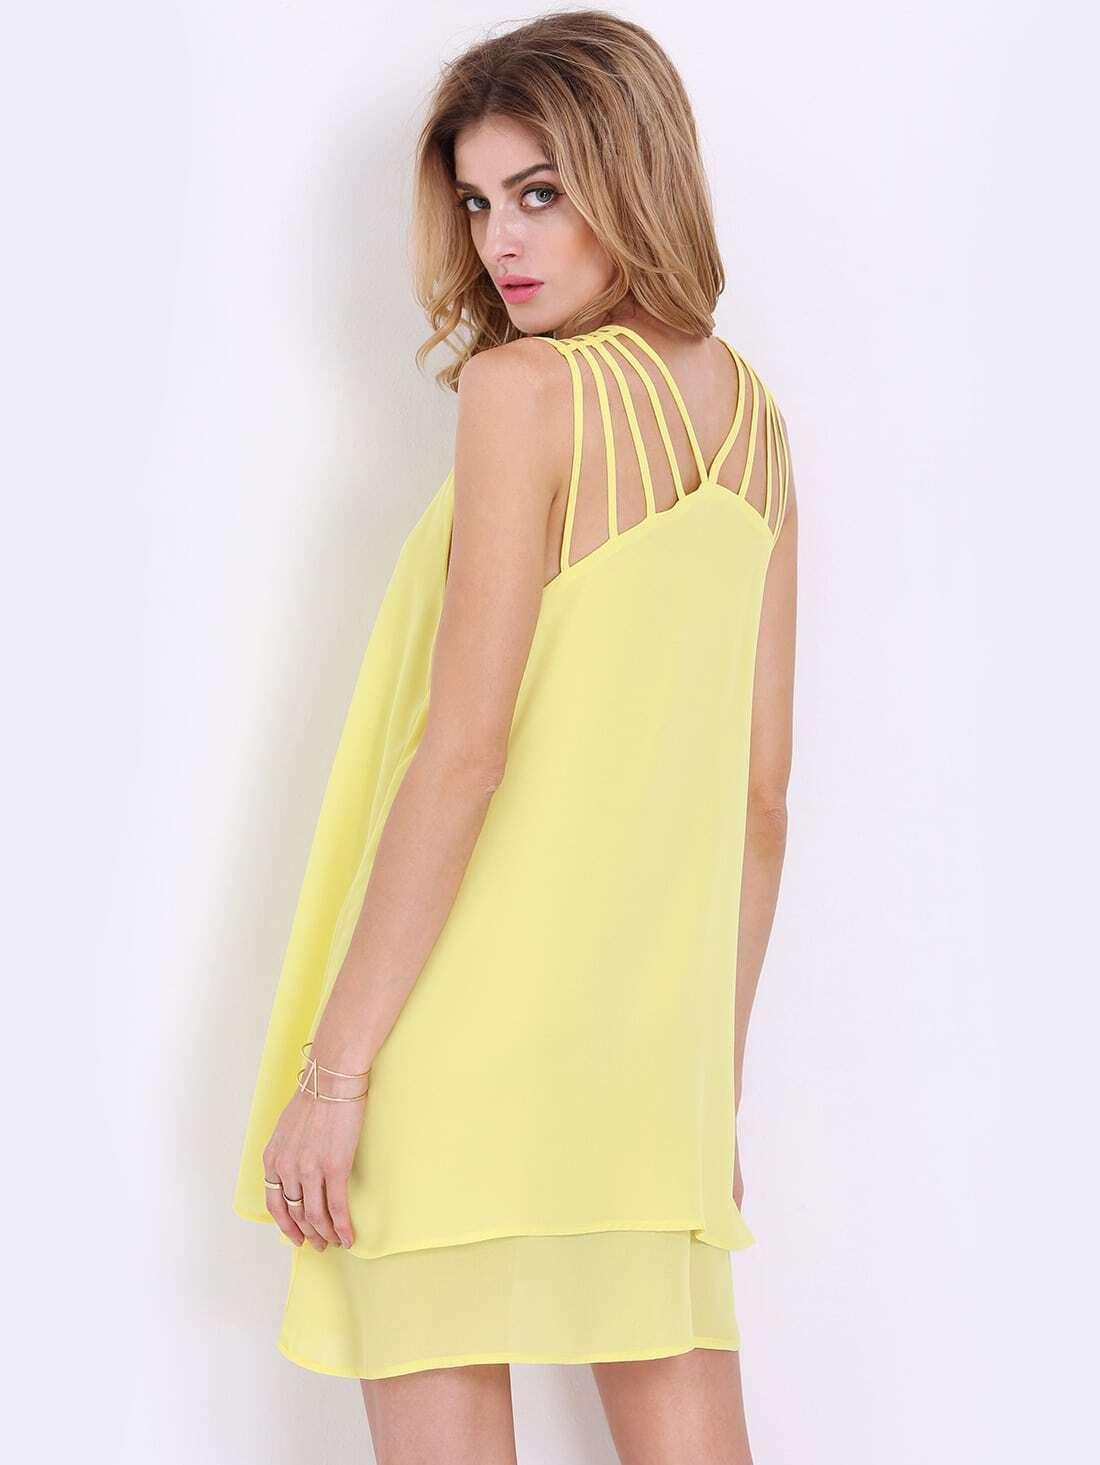 Yellow Spaghetti Strap Ruffle Dress